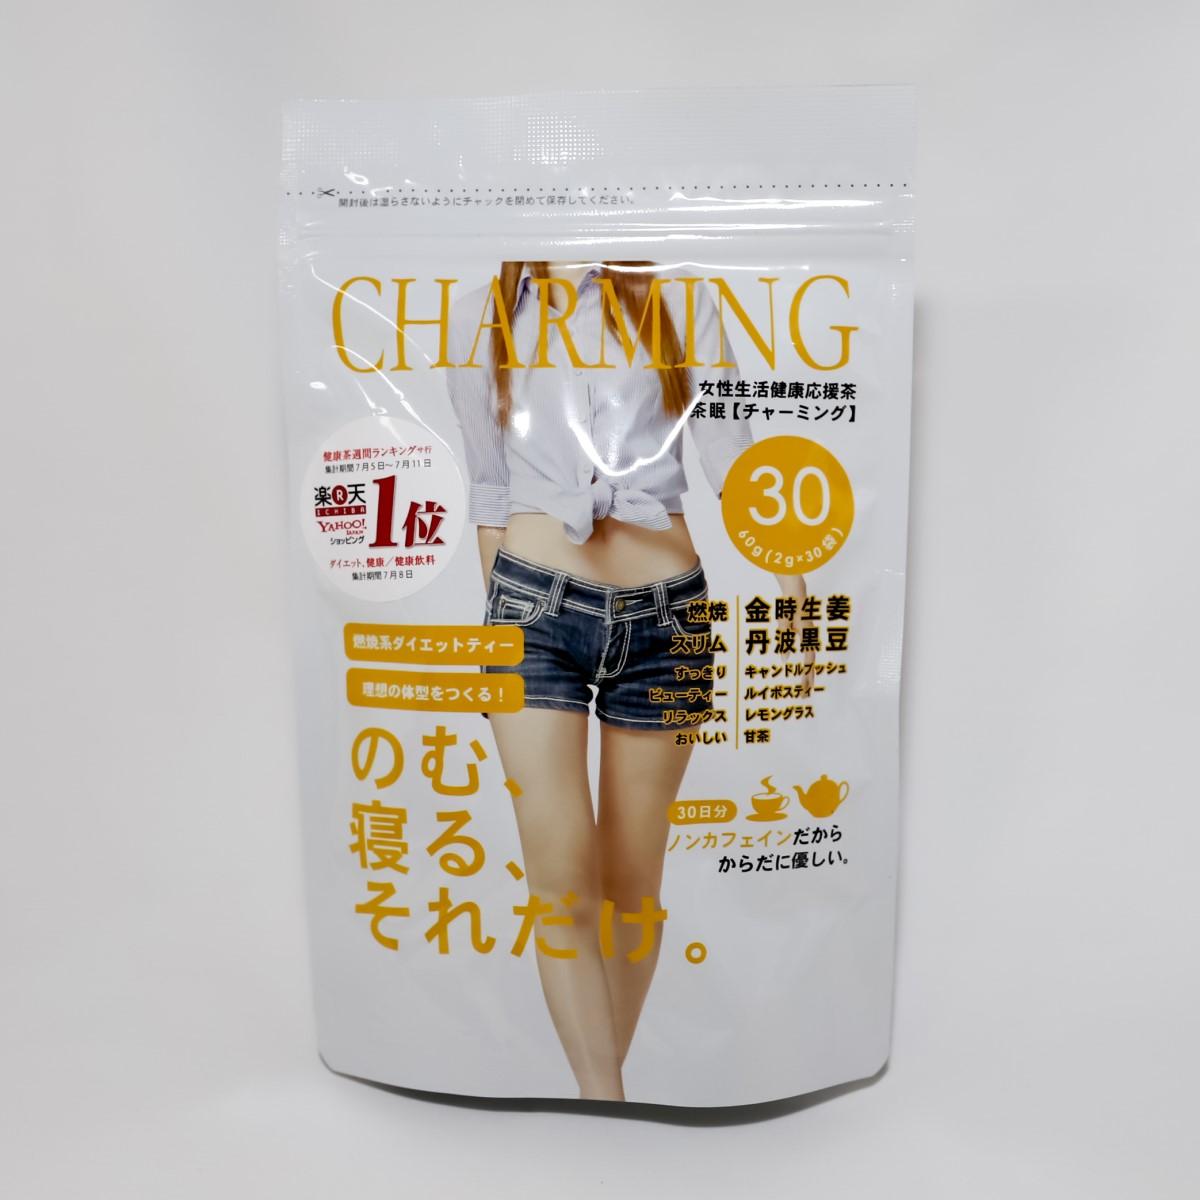 【送料無料】茶眠(チャーミング)60g(2g×30包)×10袋